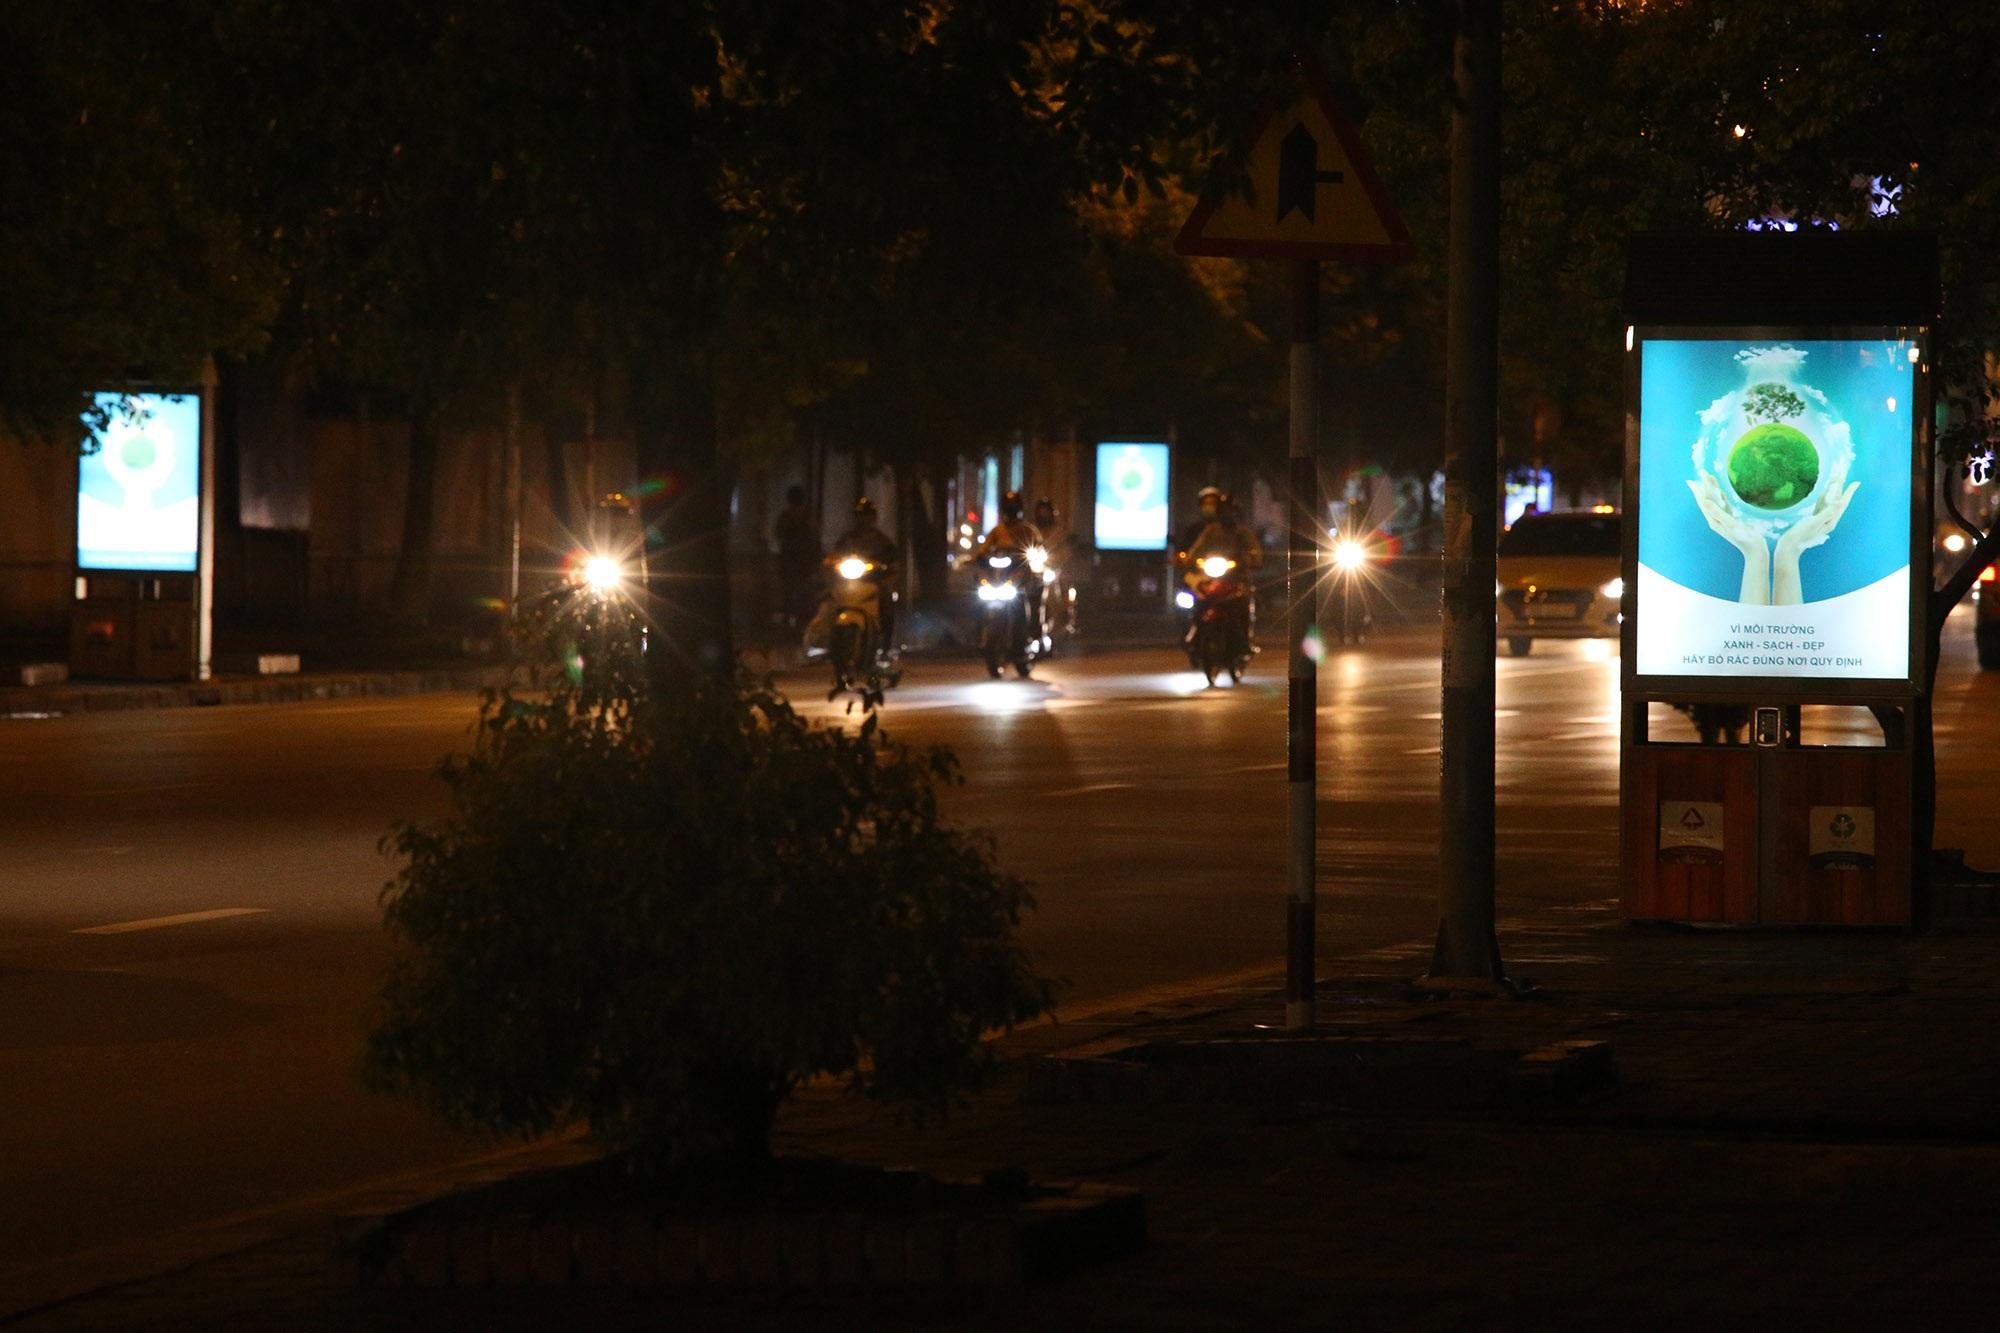 Hàng nghìn thùng rác phát sáng về đêm được lắp đặt tại Hà Nội - 12